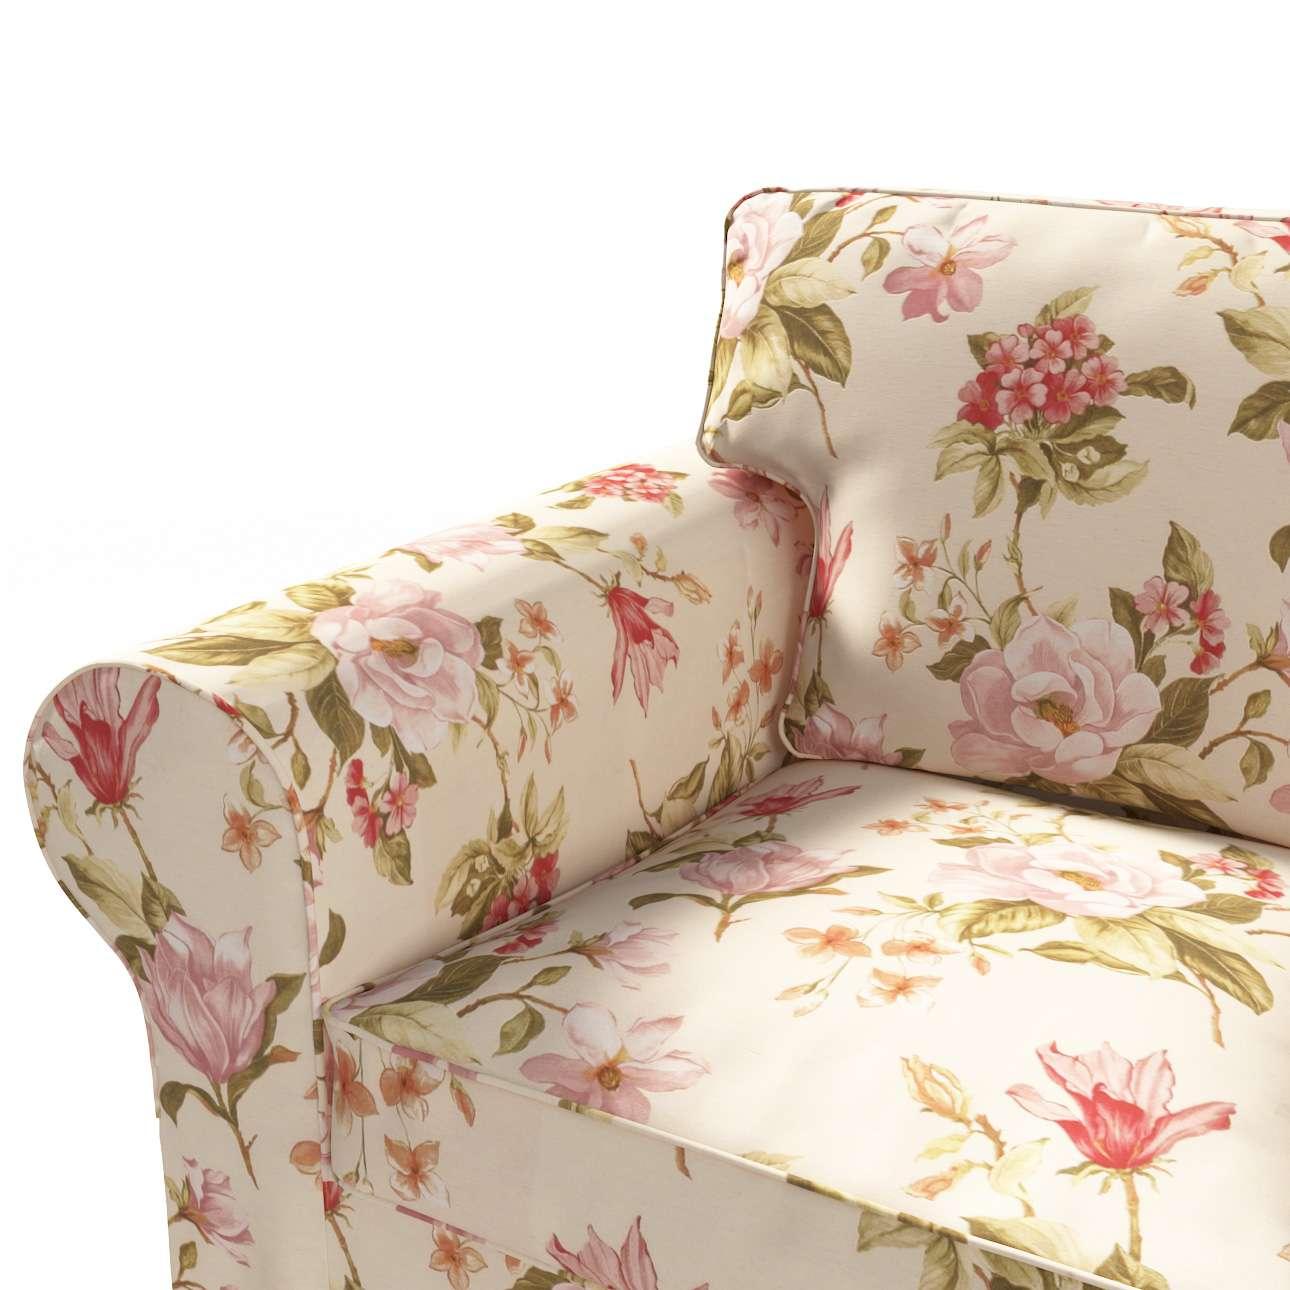 Ektorp trivietės sofos užvalkalas Ektorp trivietės sofos užvalkalas kolekcijoje Londres, audinys: 123-05